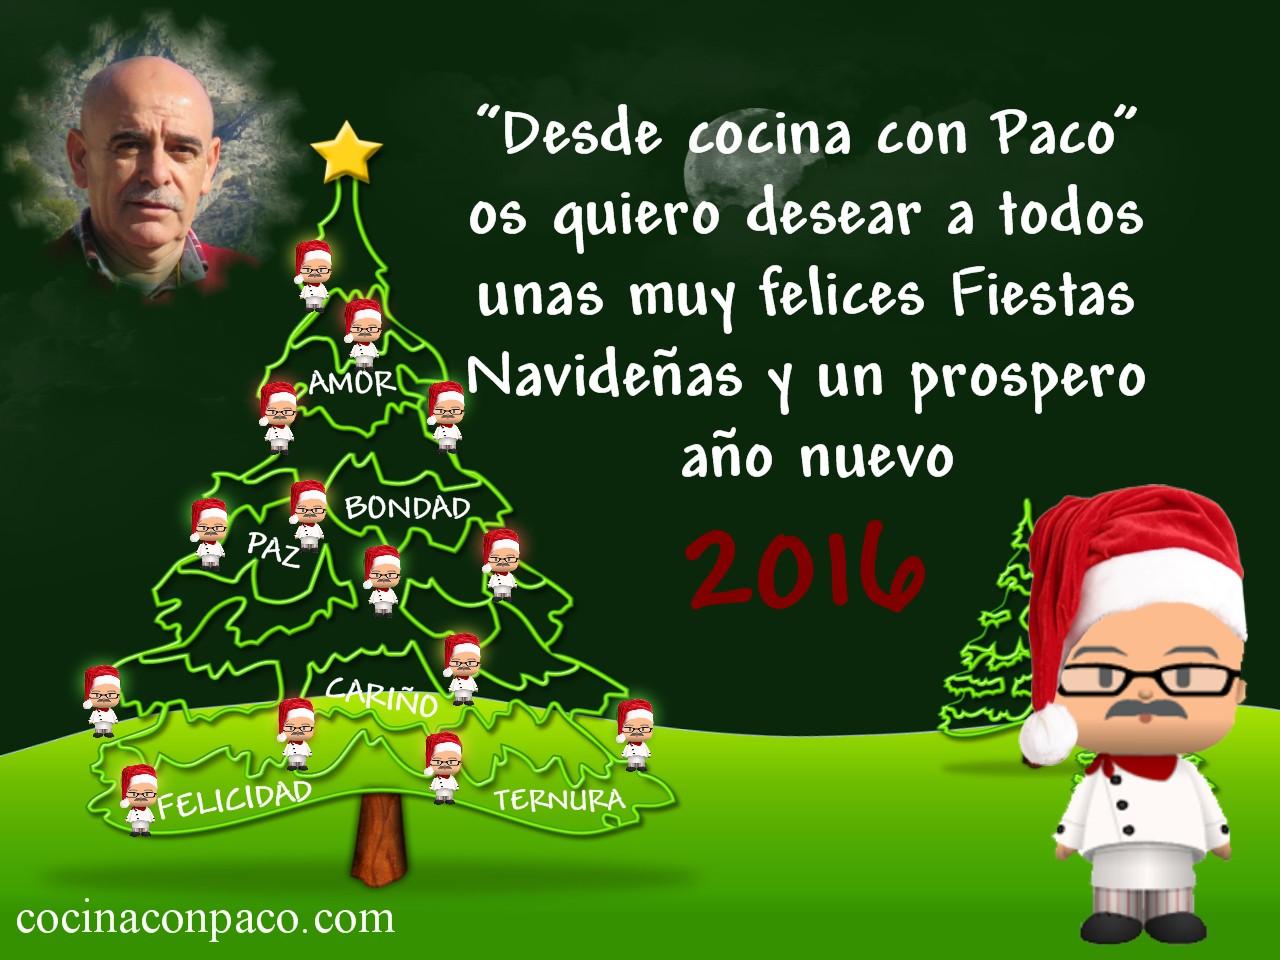 Cocina con paco feliz navidad - Cocina con paco ...